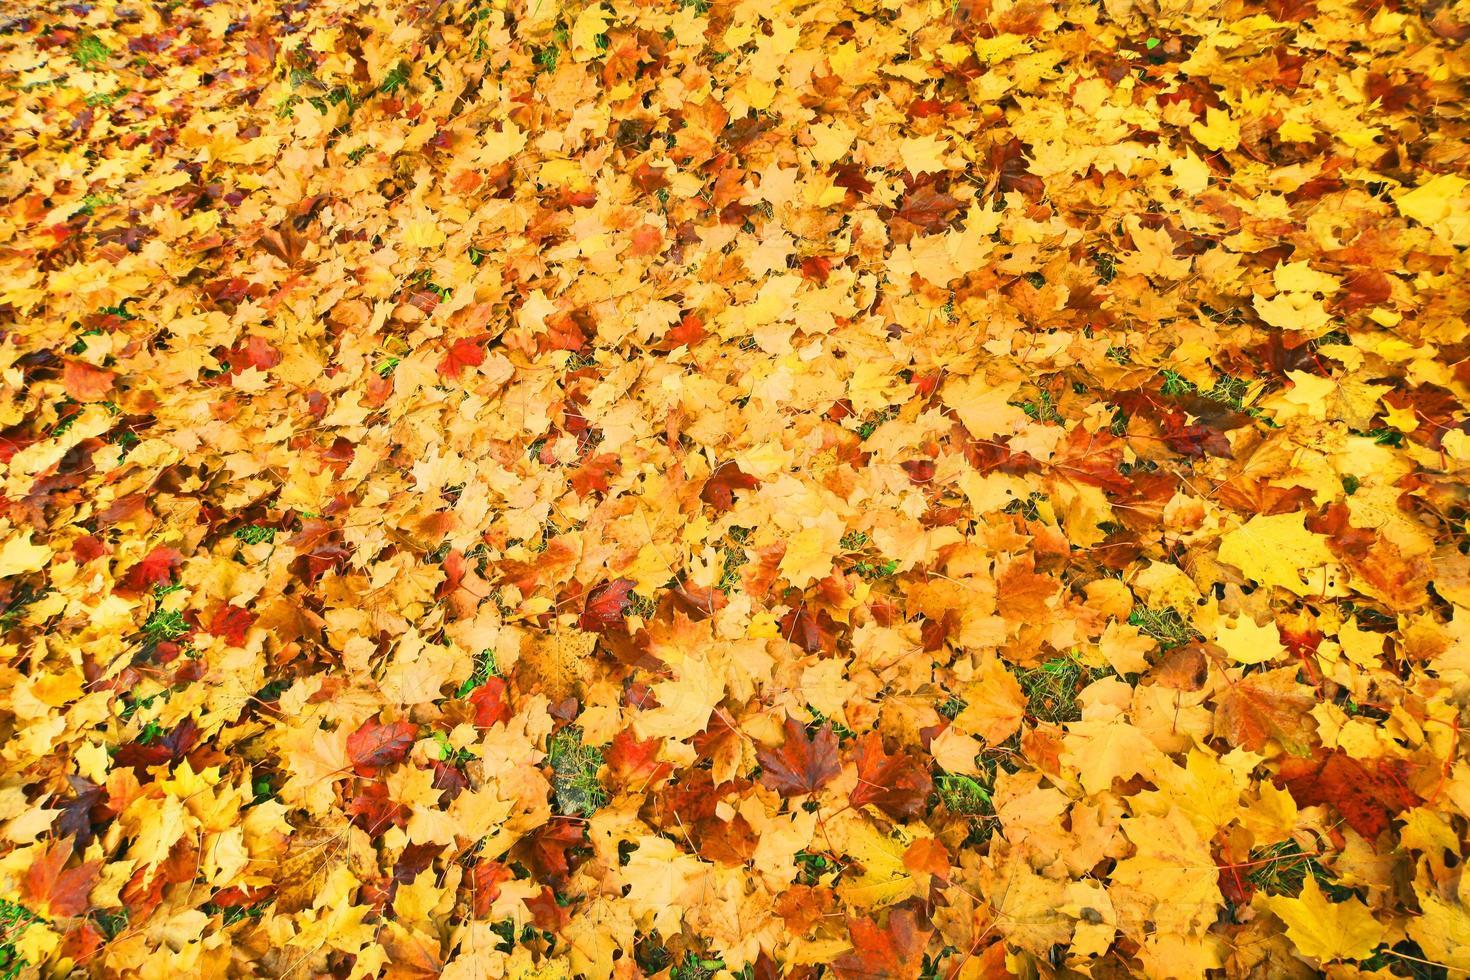 Herbst Blätter gefallen foto